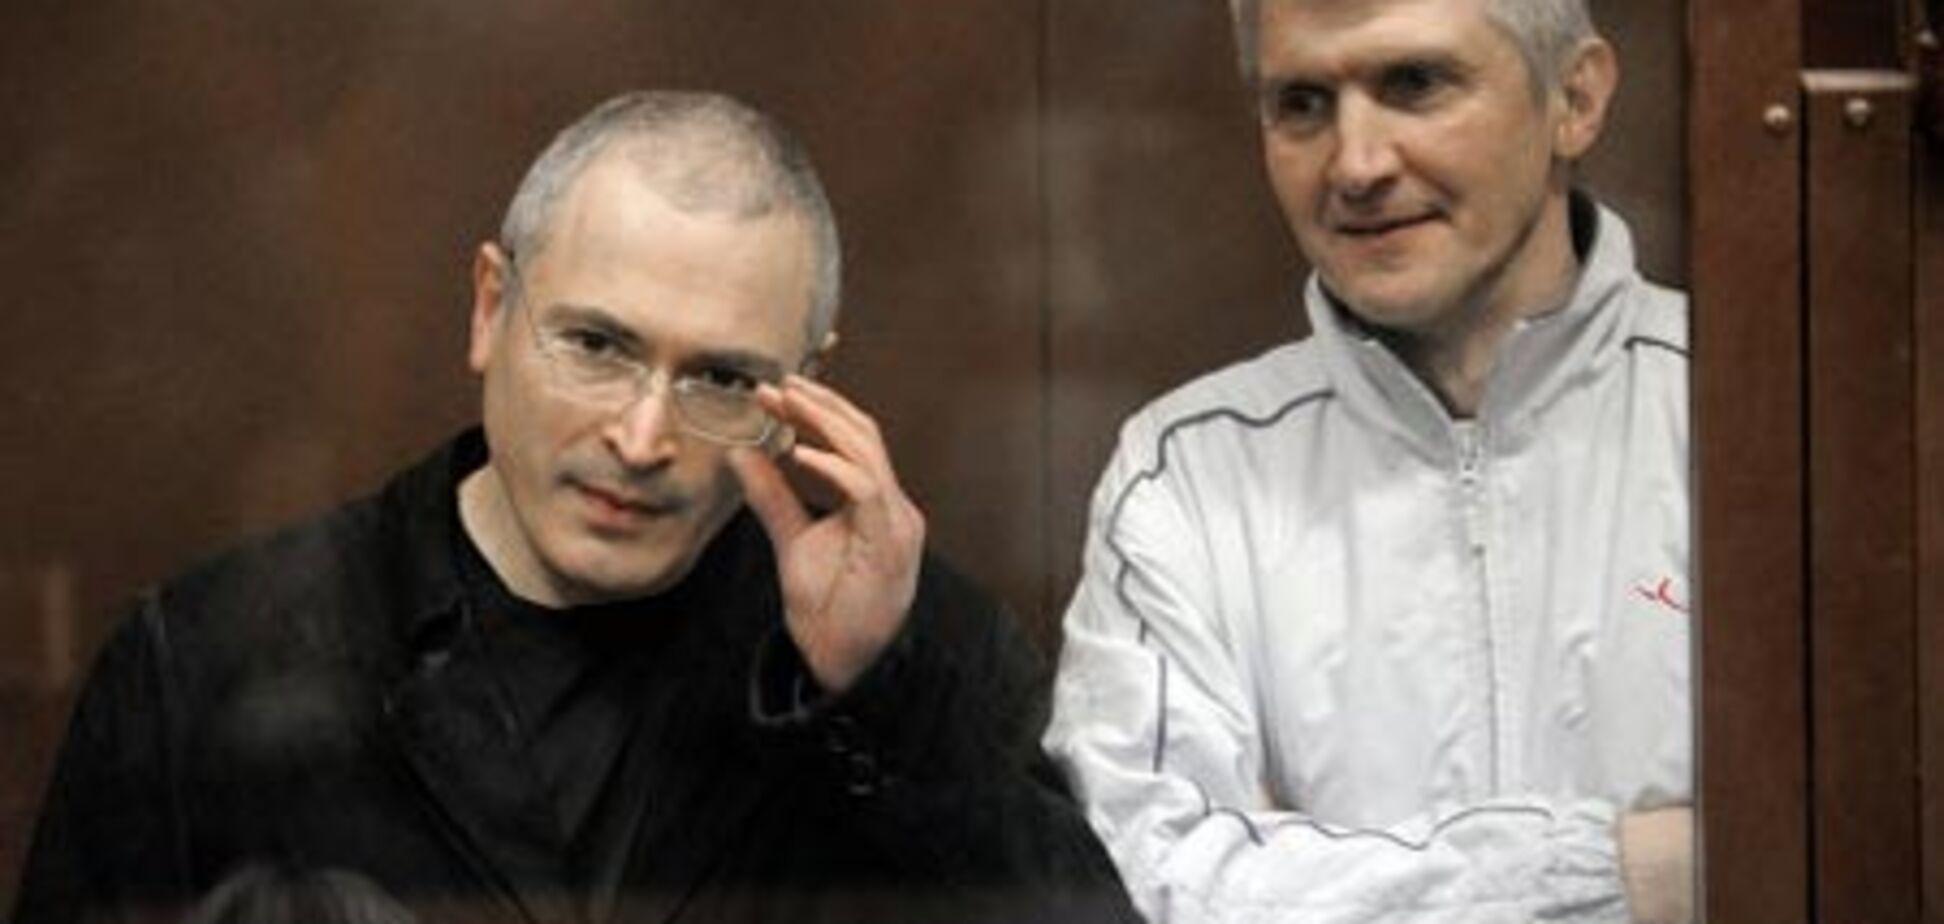 У Медведєва зрозуміли, що справа Ходорковського вилізе РФ боком